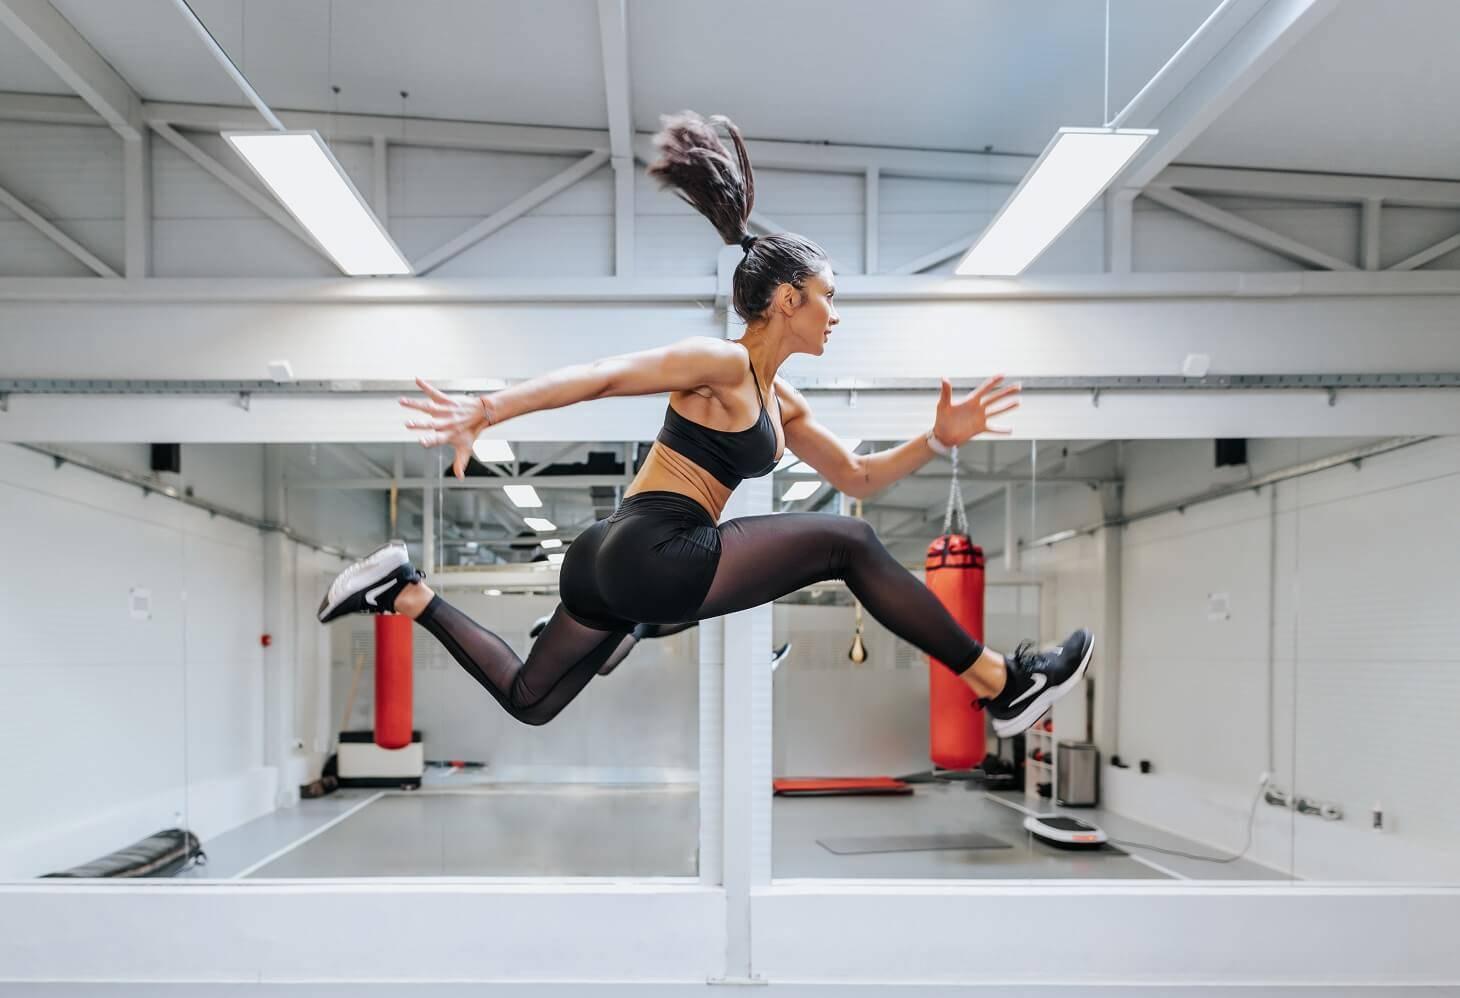 trening-vežba-vežbanje-aerobne vežbe-Janka Budimir-fitness instruktorka-vežbanje kod kuće-vežba kod kuće-iceberg salat centar-klub zdravih navika-ishrana-mišići-zdravlje